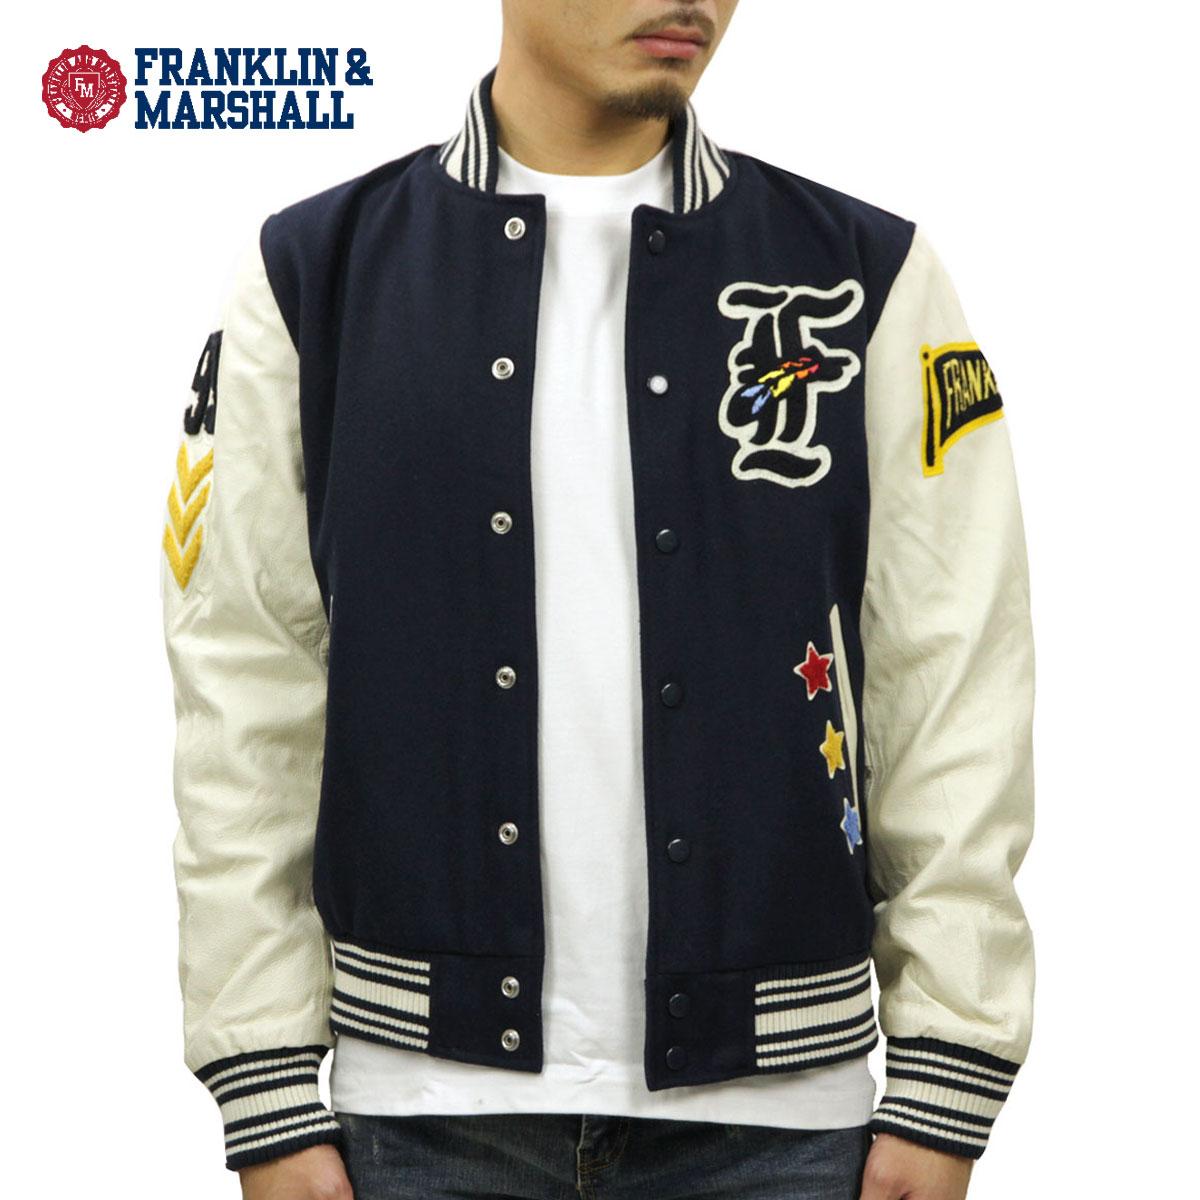 フランクリン マーシャル FRANKLIN&MARSHALL 正規販売店 メンズ ジャケット APPLIQUE STADIUM JACKET NAVY JKMVA027AN 5016 D00S20